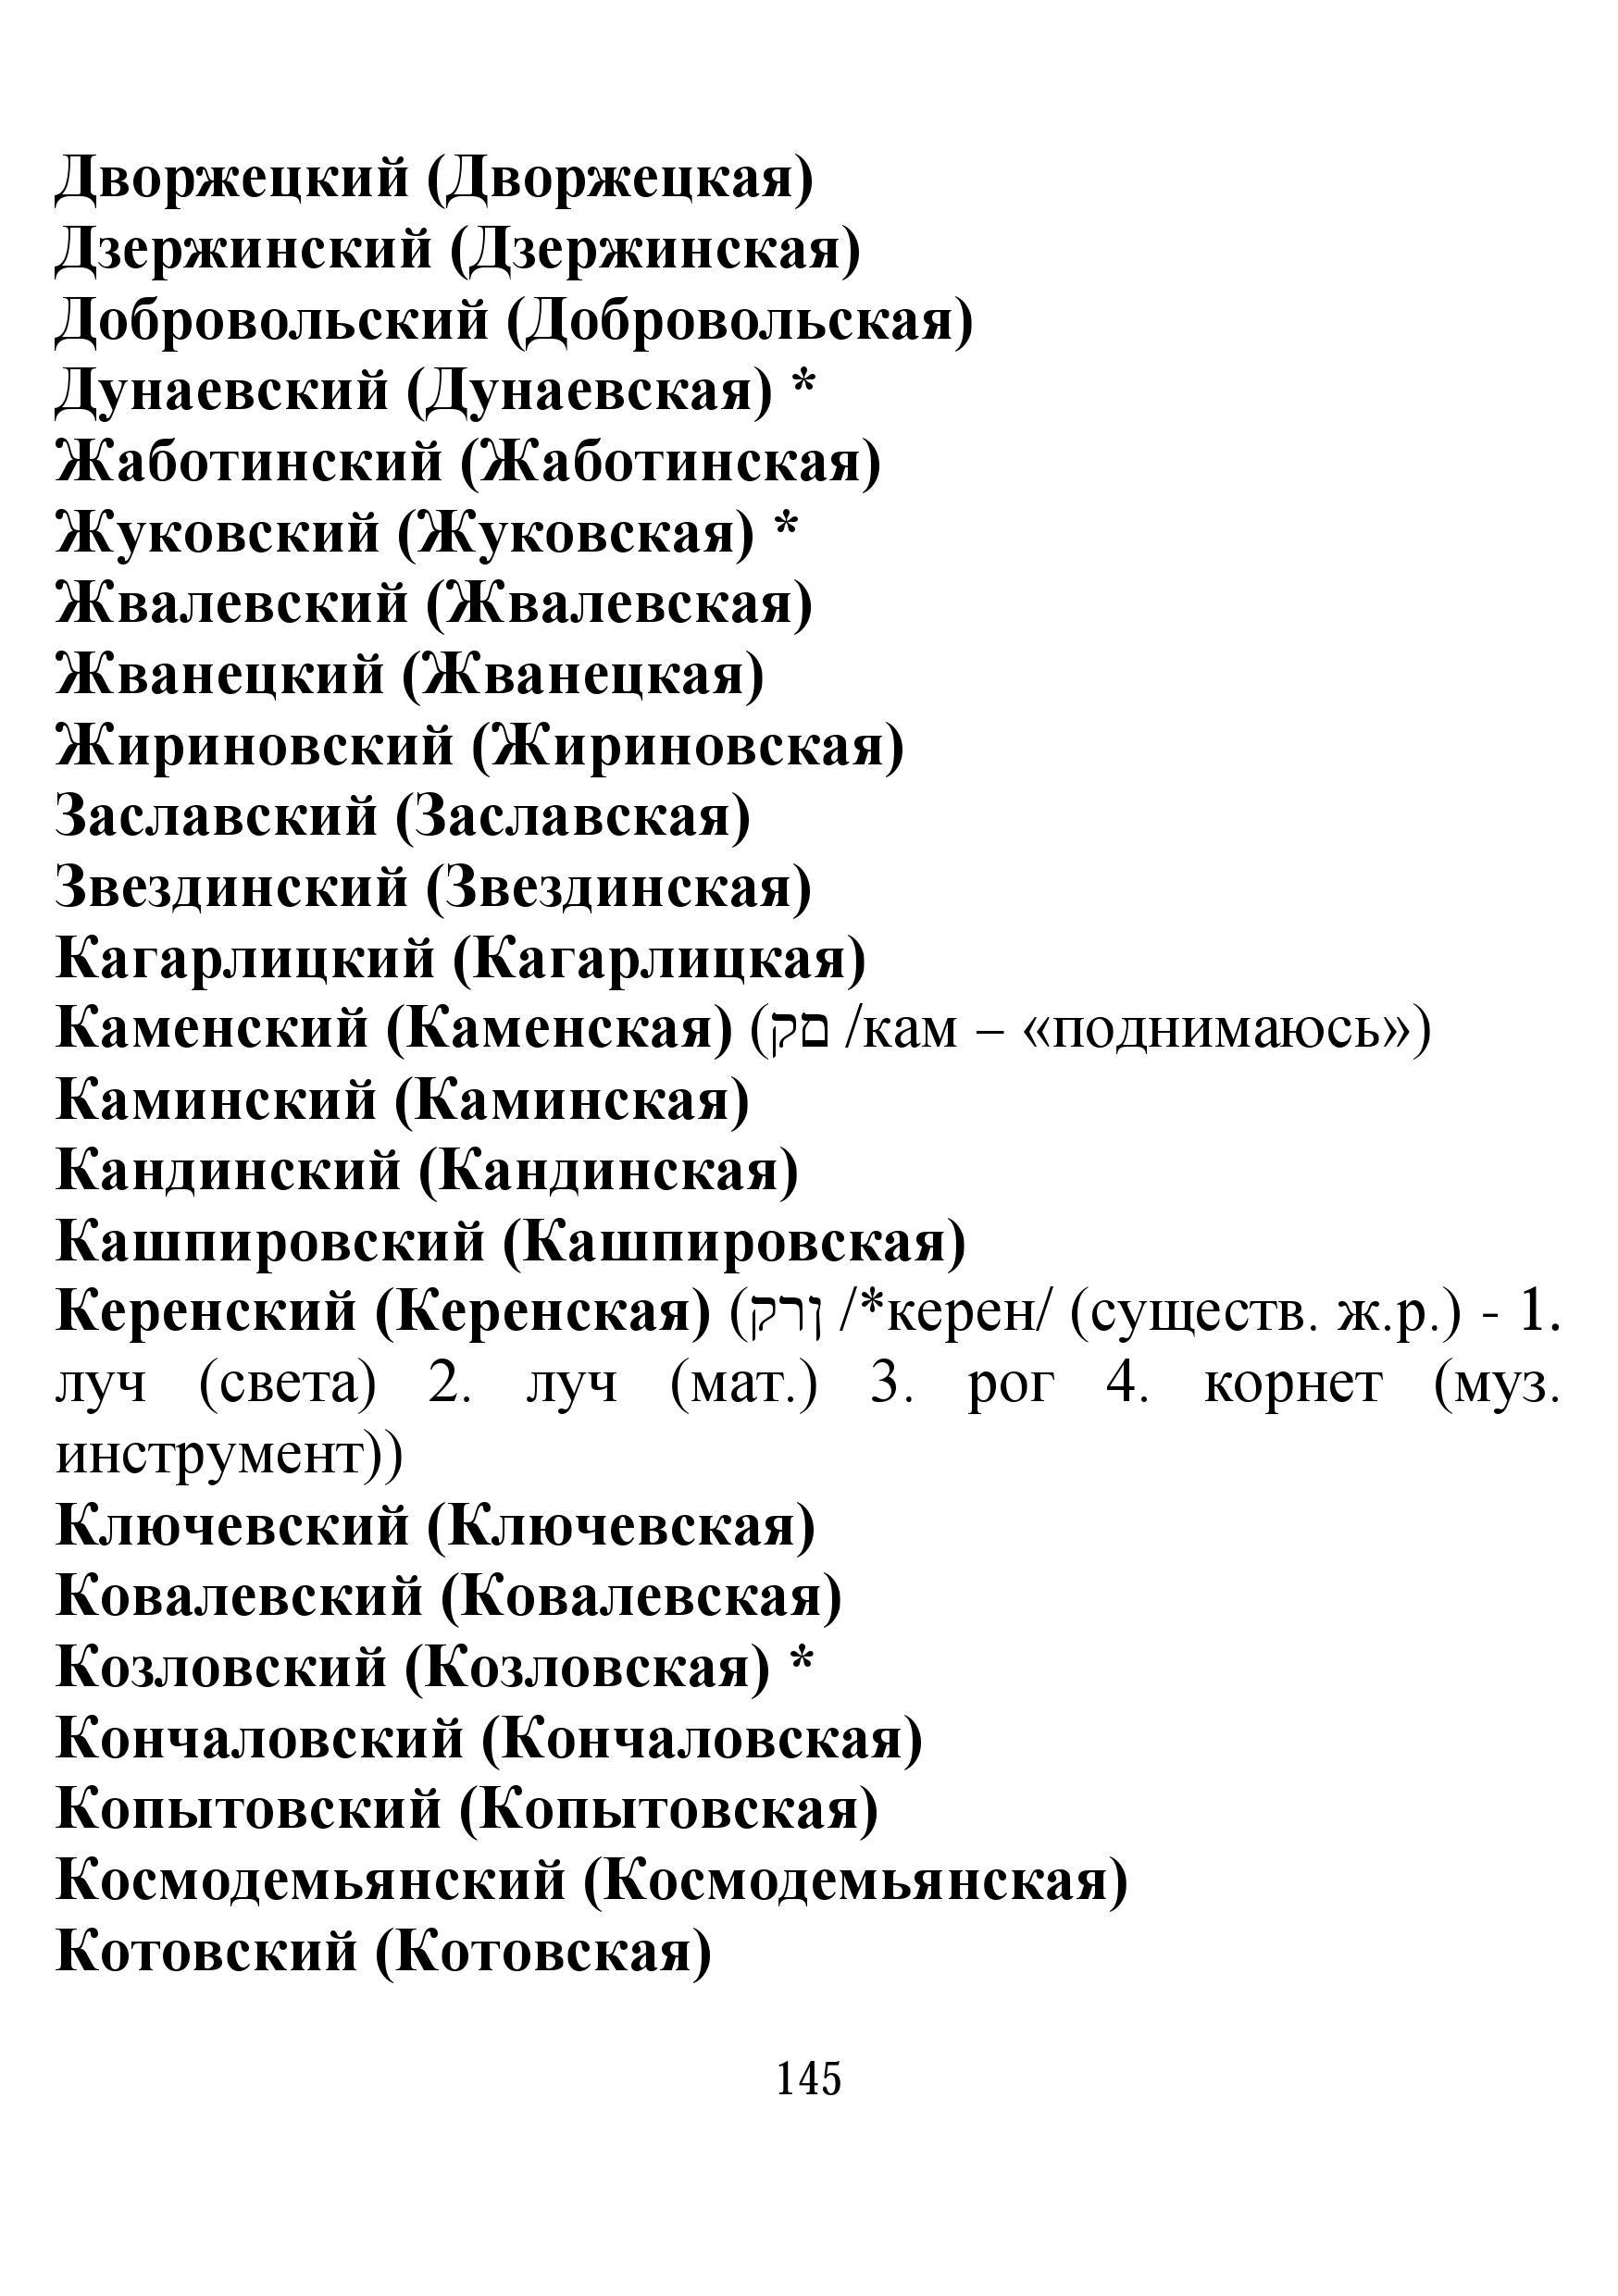 http://s1.uploads.ru/NtmLp.jpg